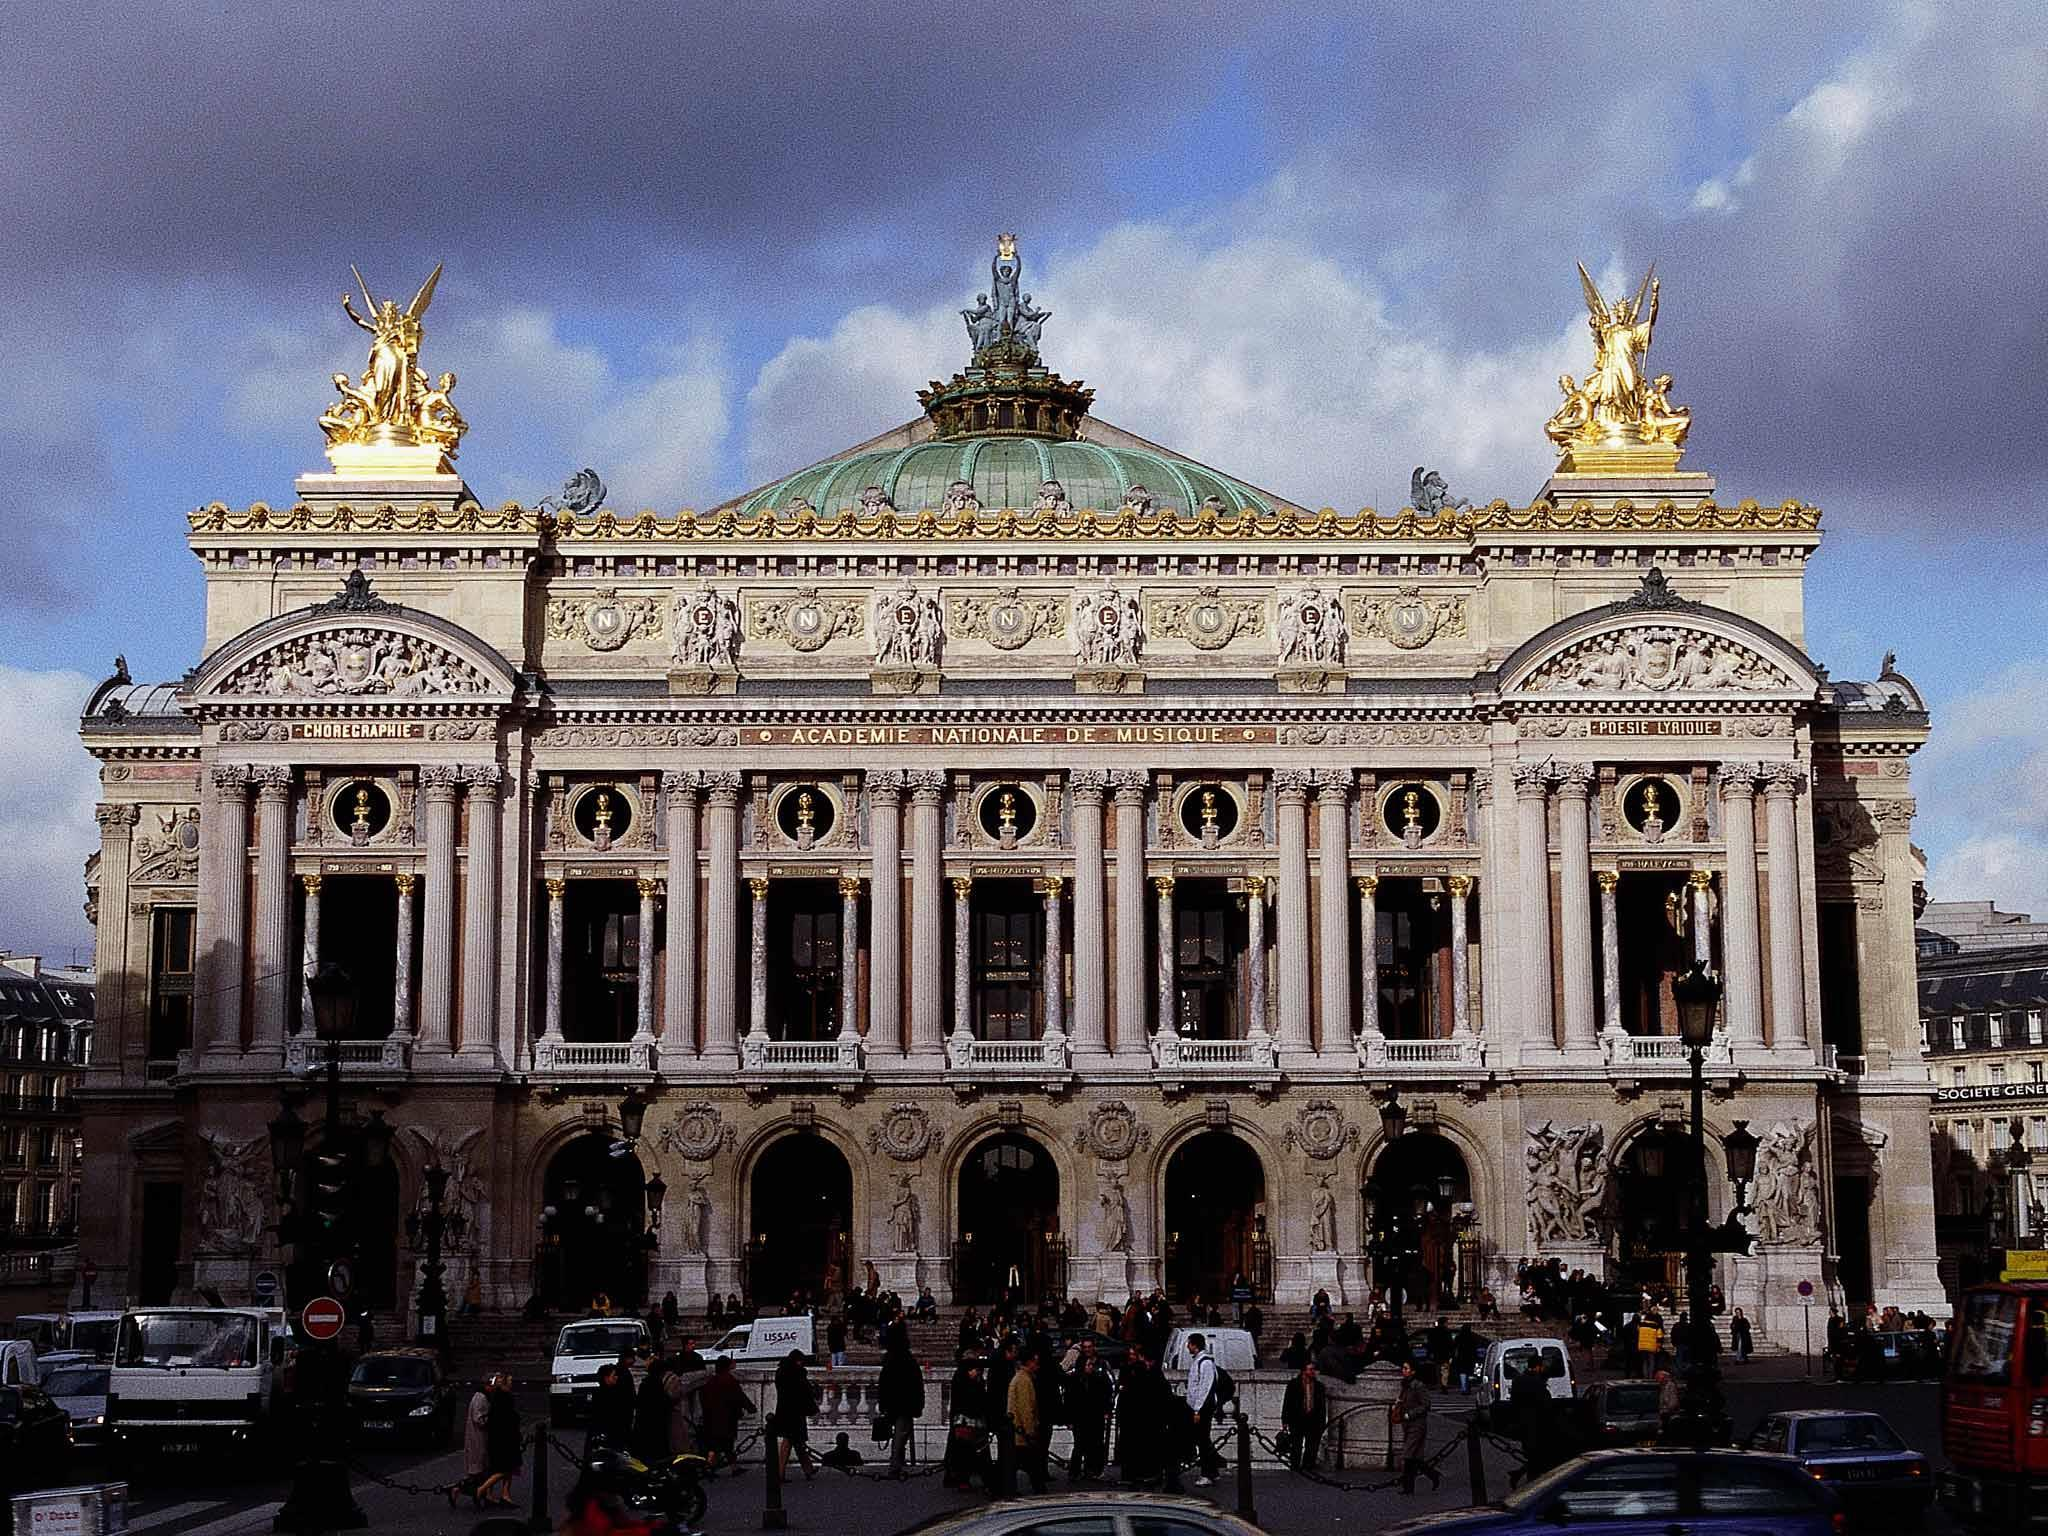 Mercure Paris Montmartre Sacre Coeur Hotel